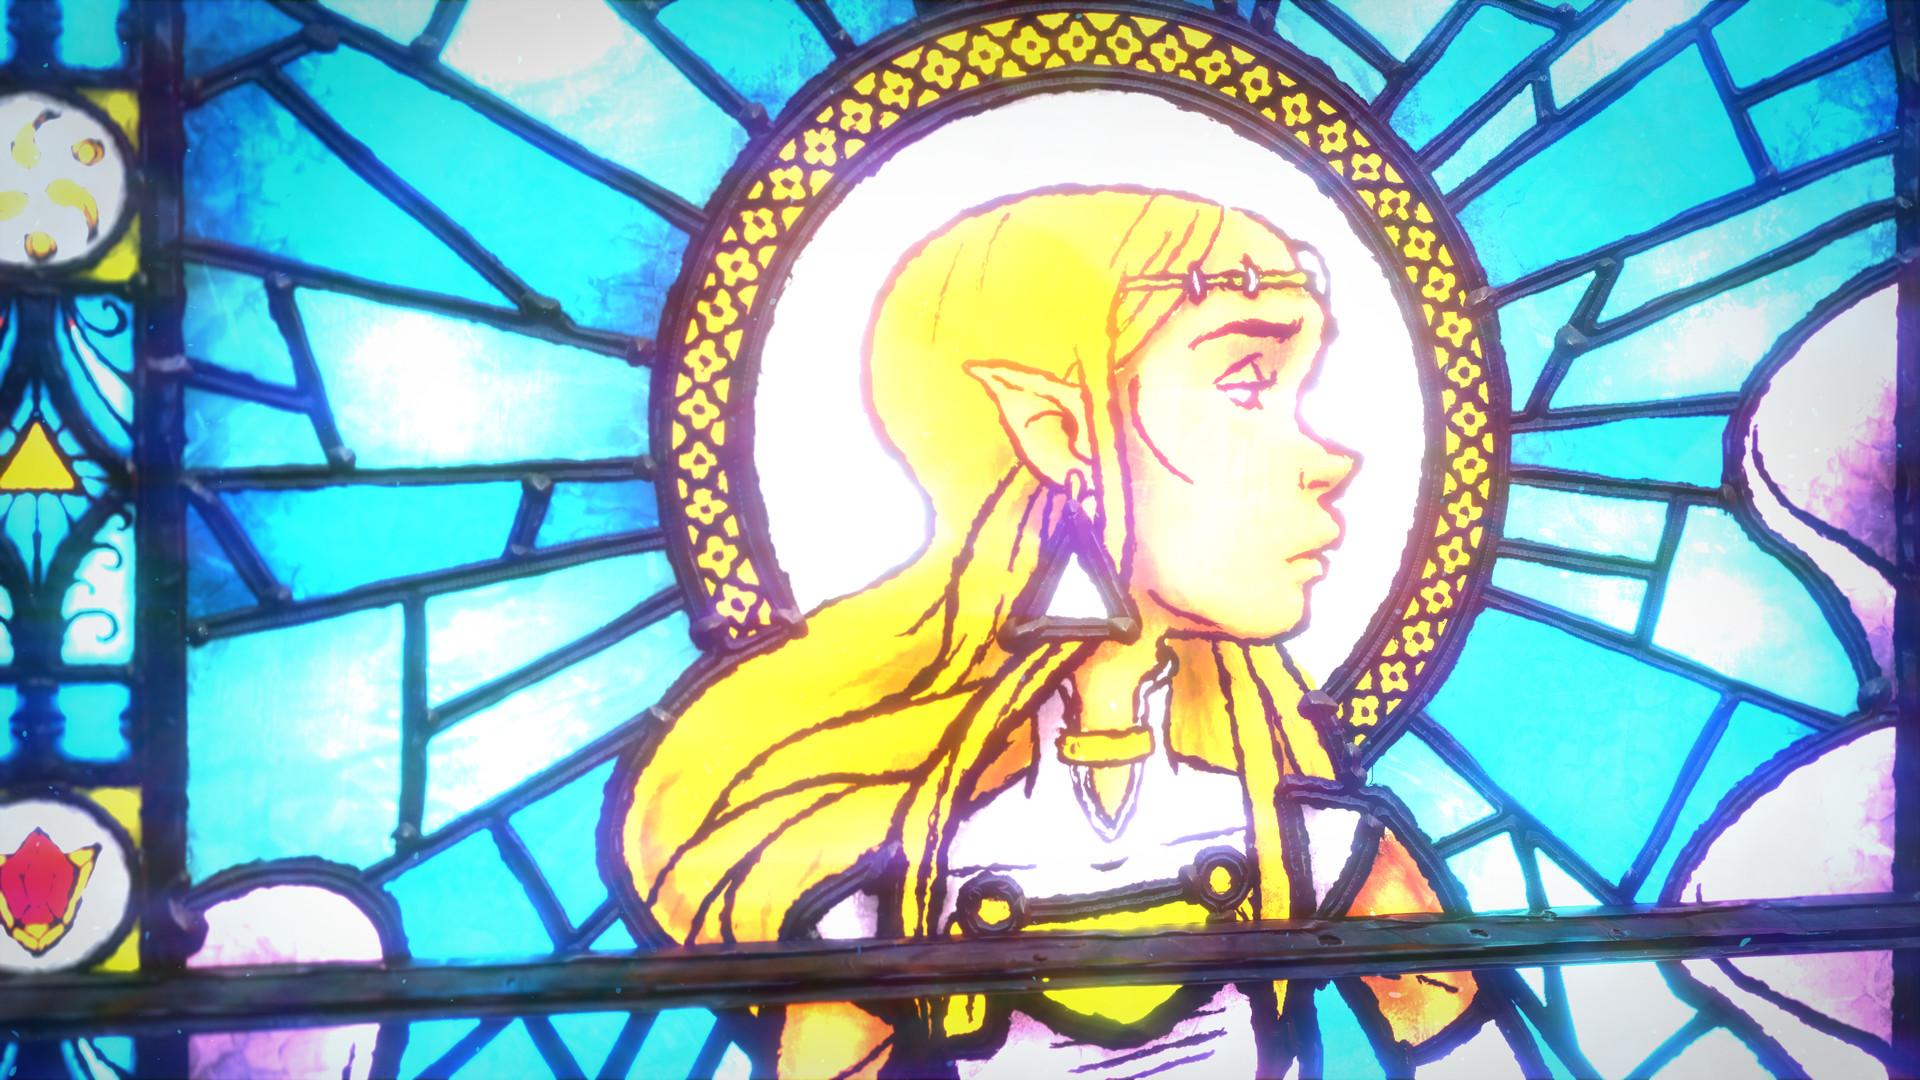 Vincent derozier 10 stainedglass 05